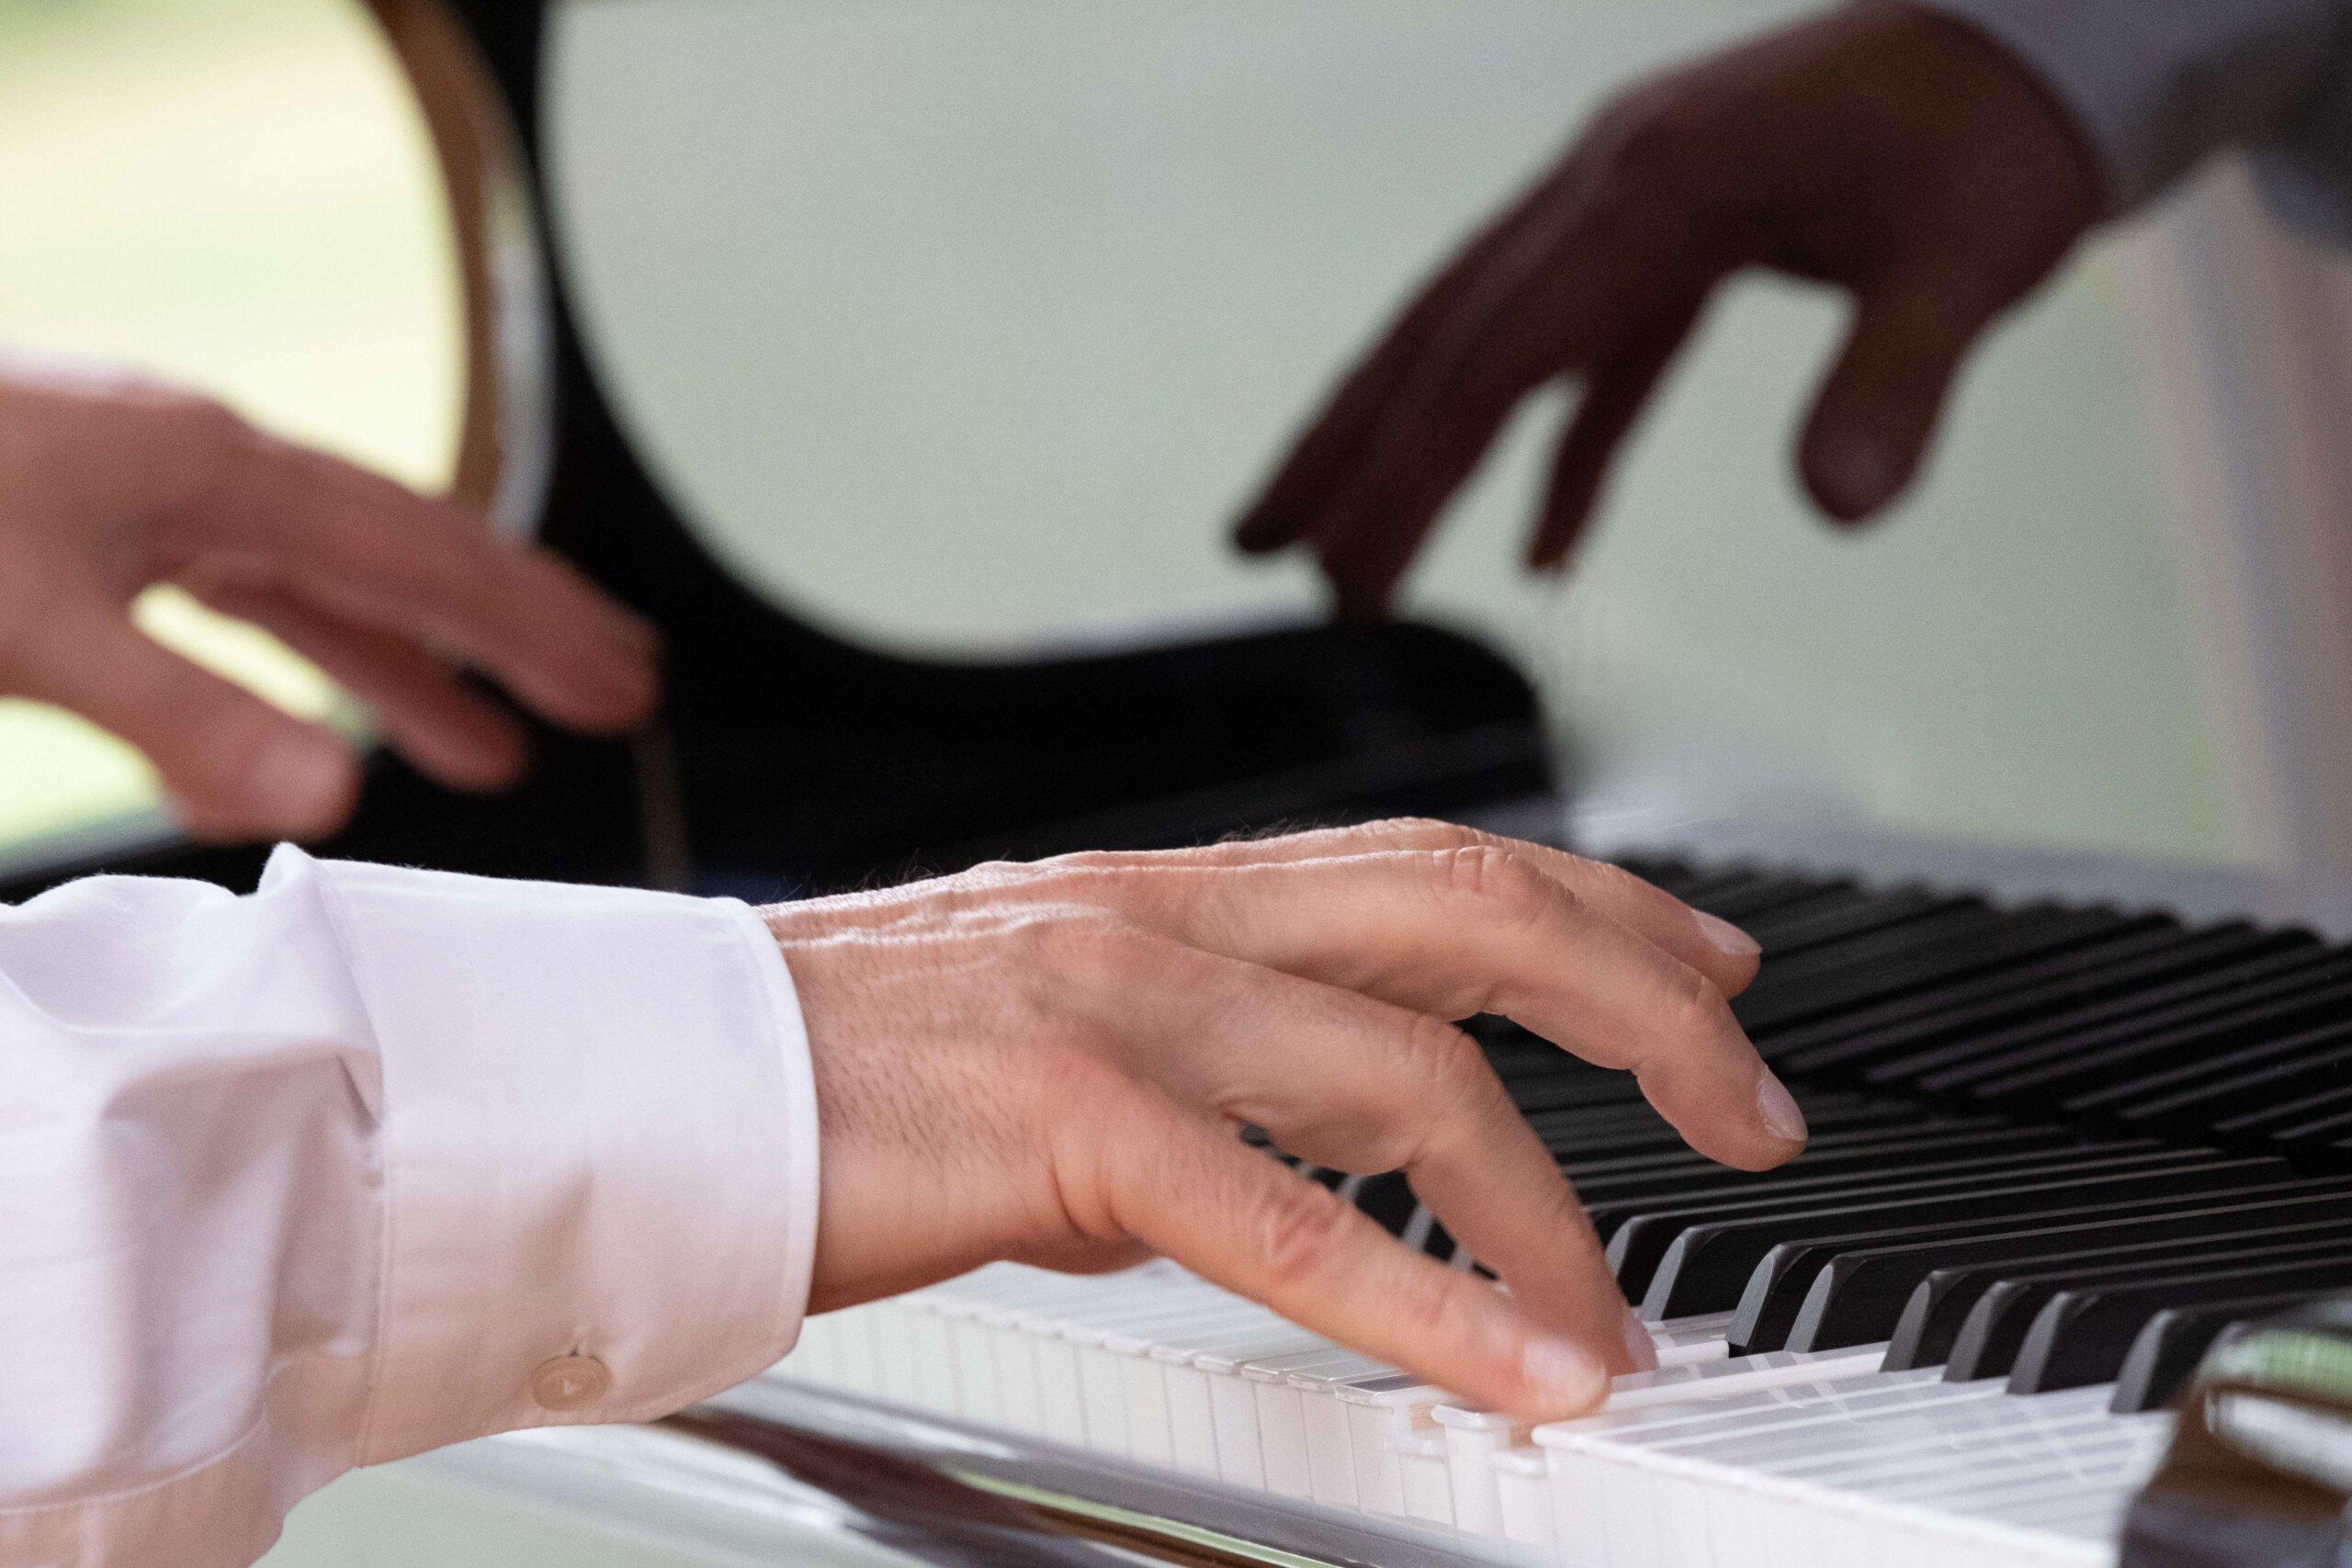 Der 2. Lüner Klaviersommer im Juli wird unter strenger Einhaltung der Hygienevorschriften im Hansesaal stattfinden. Foto: Maria de Almeida